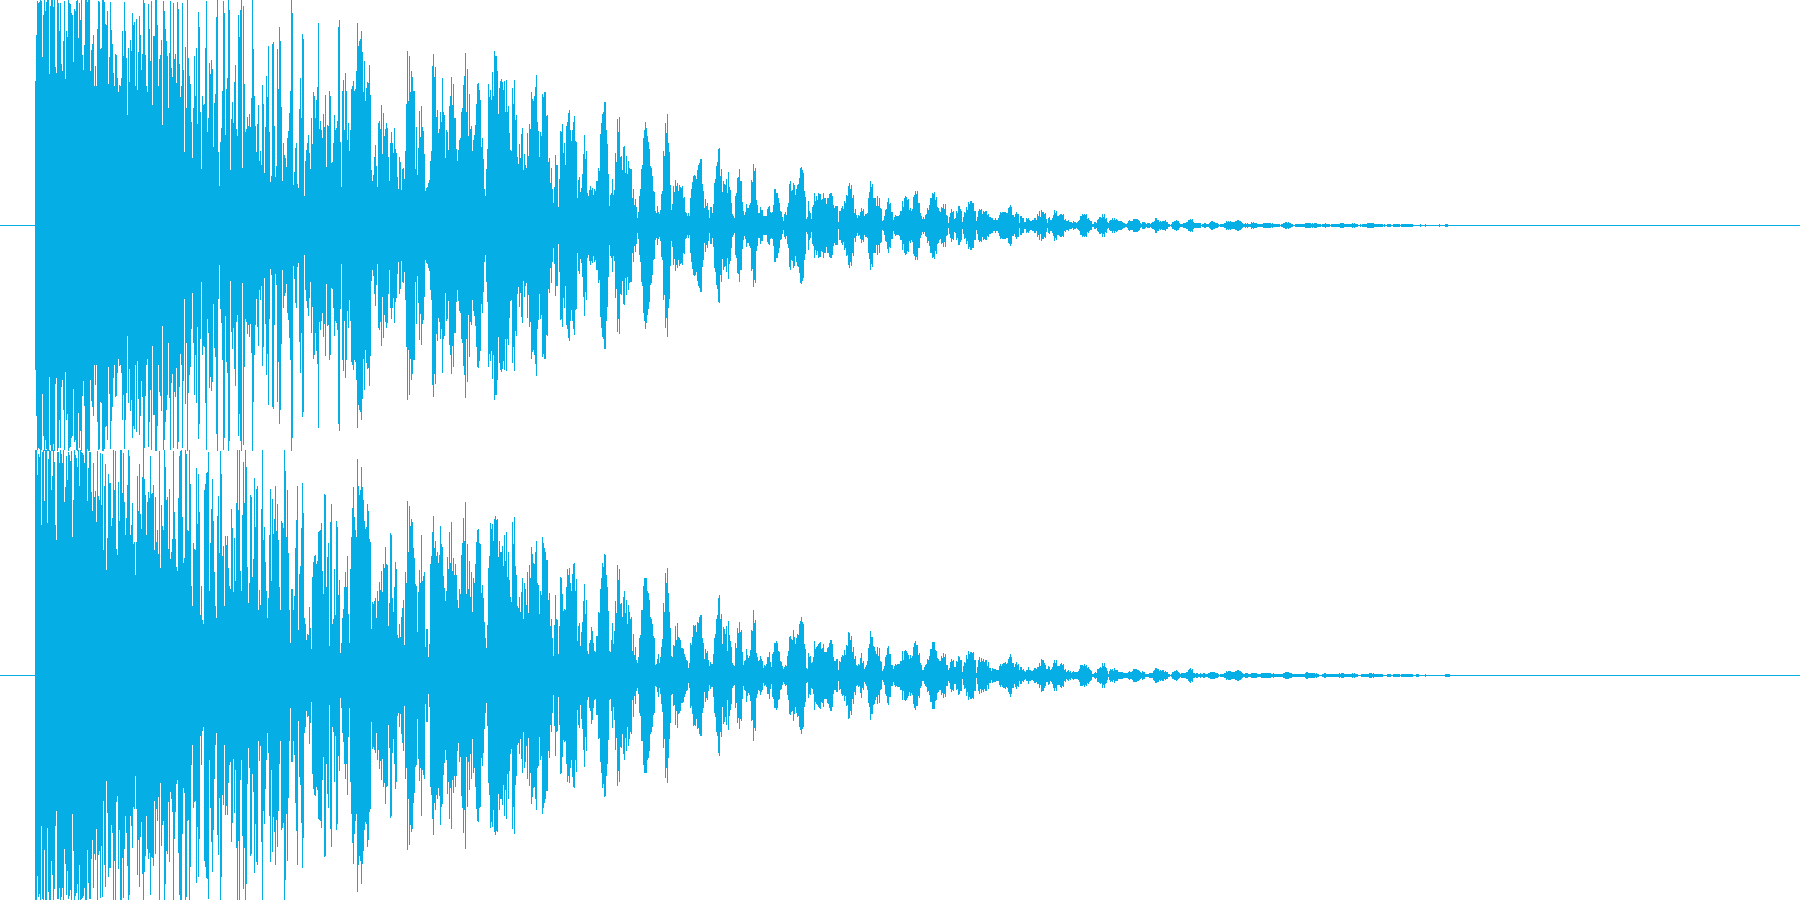 衝突音の後にゴロゴロとした余韻の再生済みの波形